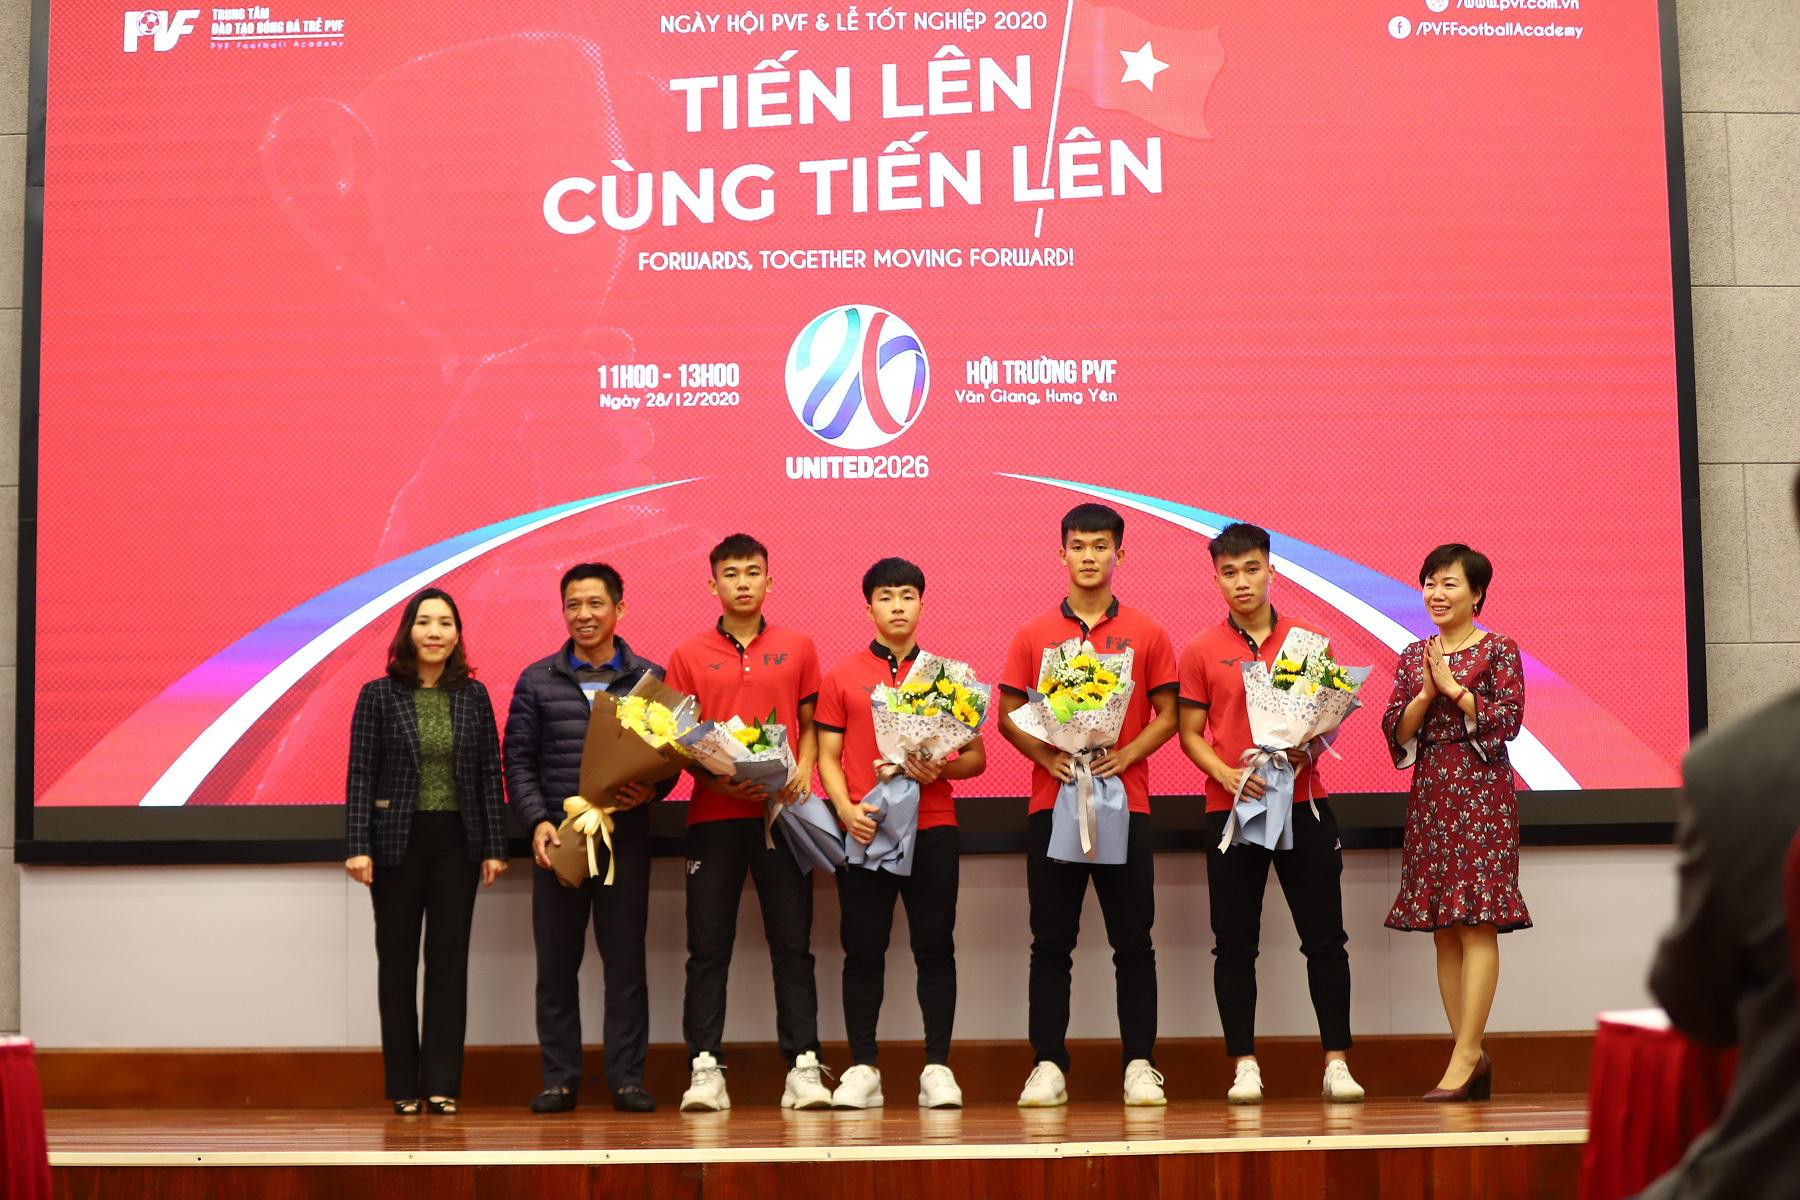 PVF chuyển nhượng 20 cầu thủ cho các CLB bóng đá chuyên nghiệp - Ảnh 3.